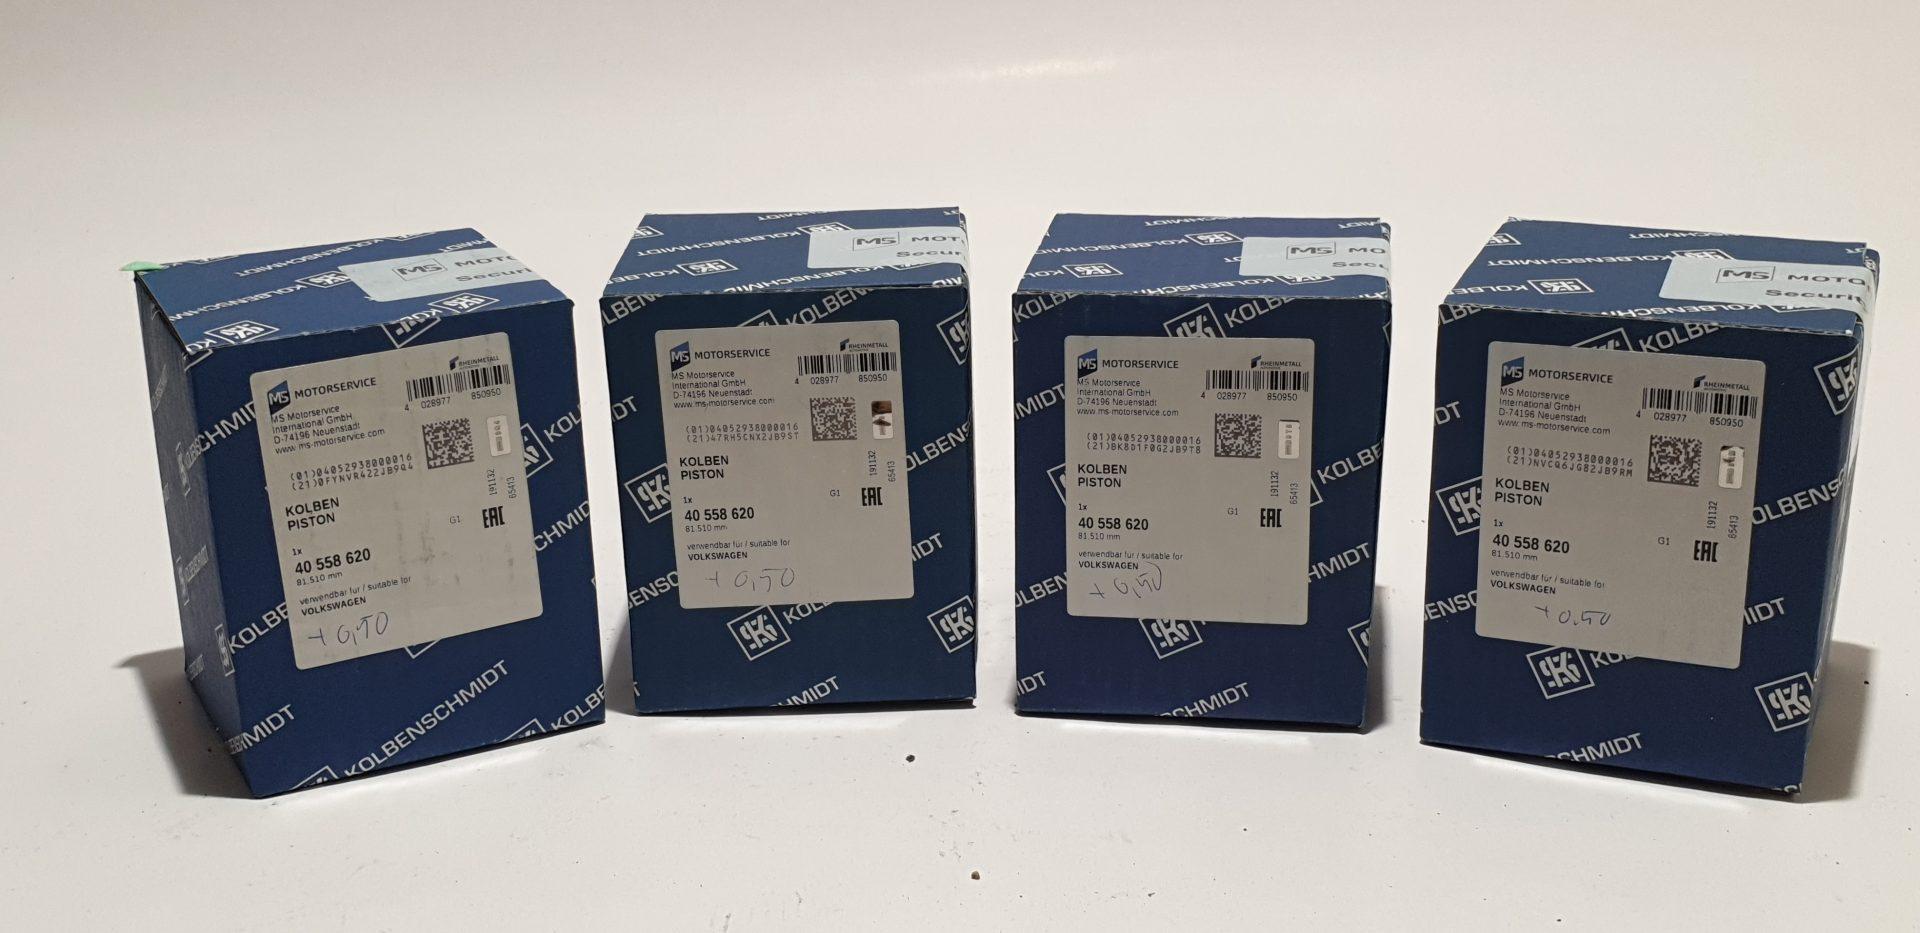 vag 2.0tdi 40558620 +0,50mm